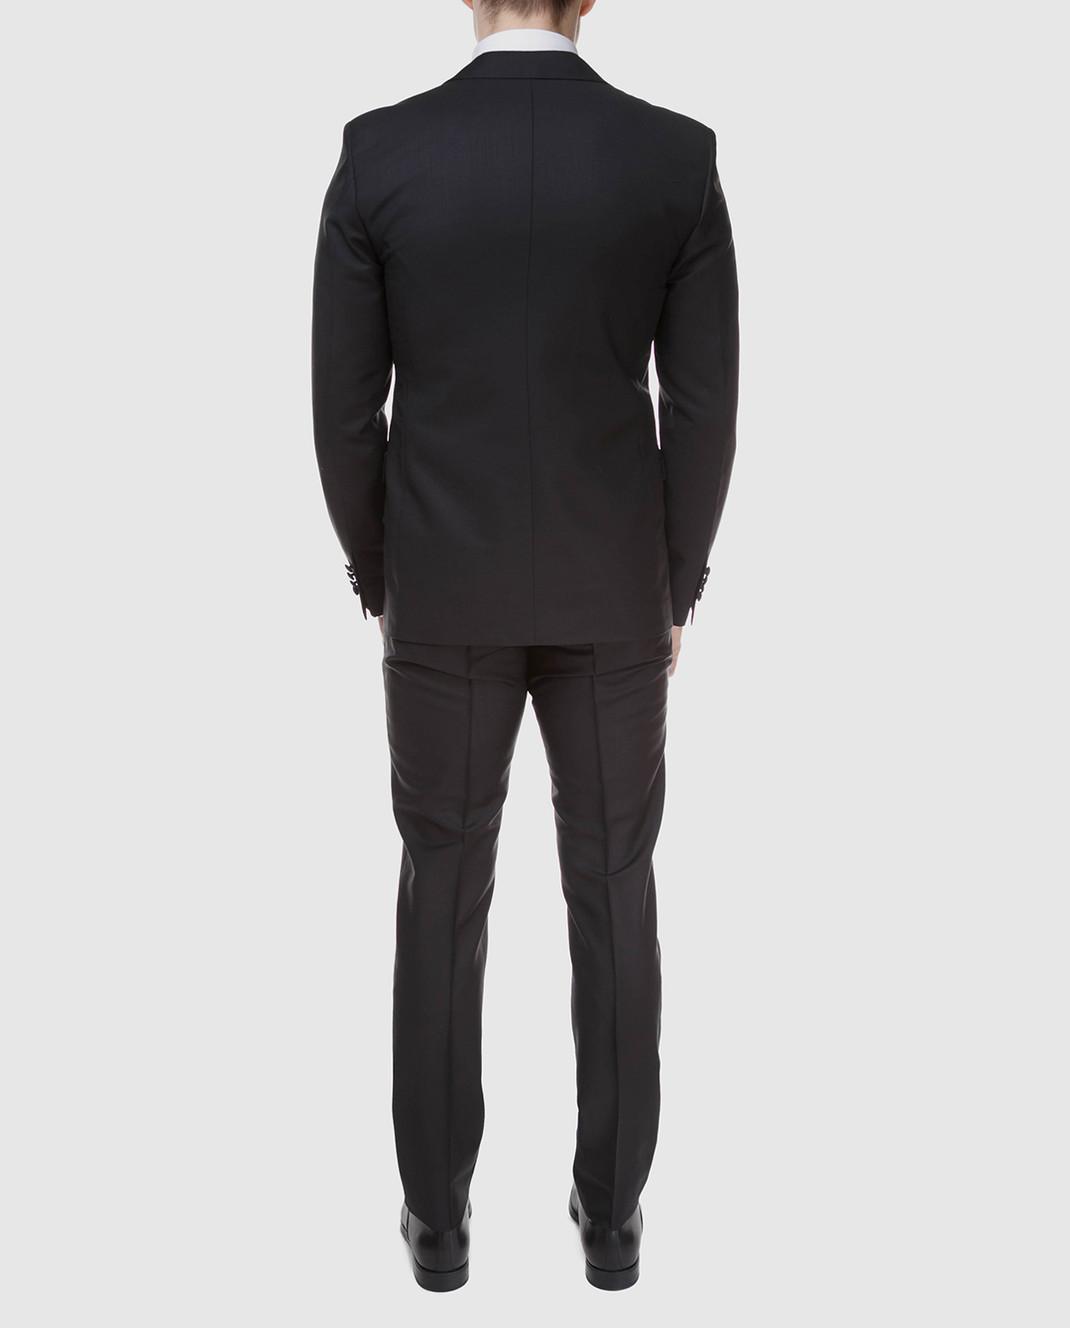 Prada Черный костюм из мохера и шерсти UAF4201KNB изображение 4